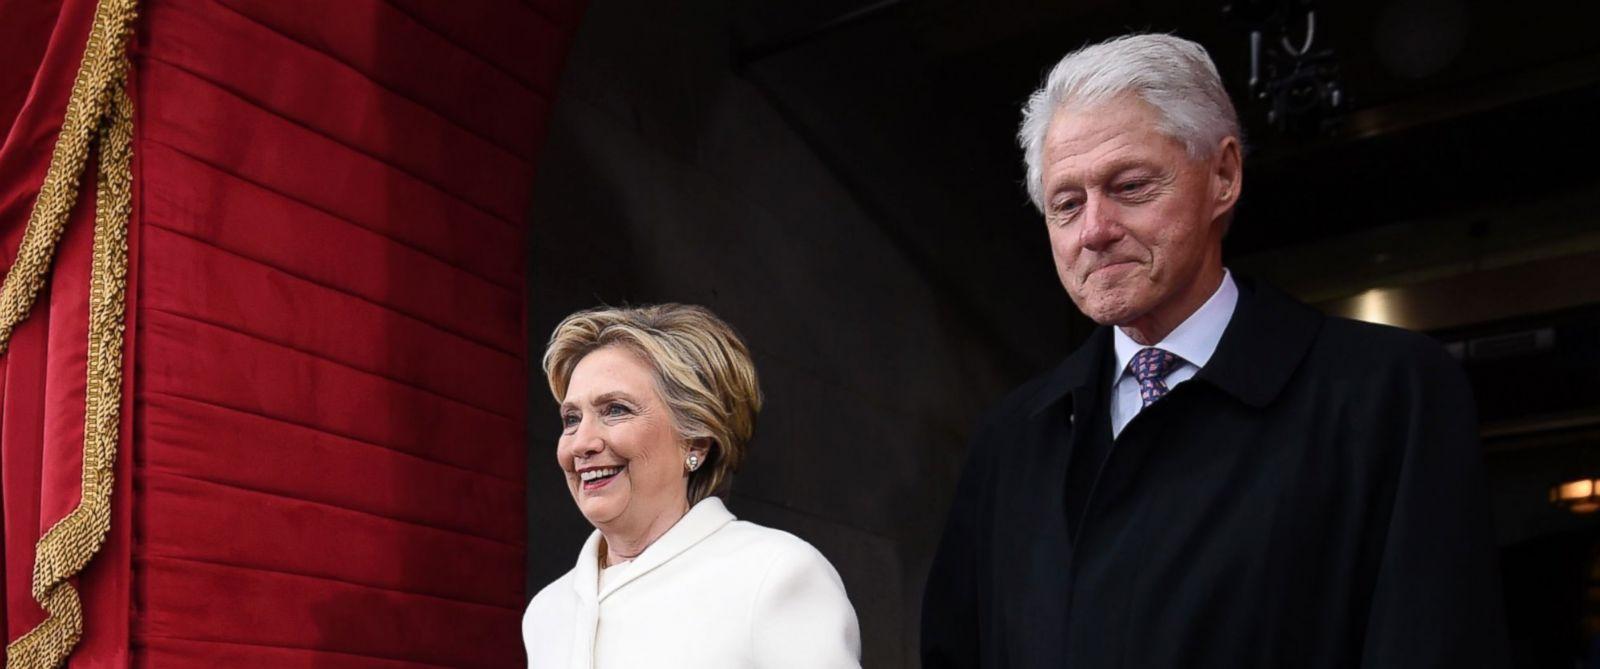 GTY-Hillary-Clinton-MEM-170120_31x13_160